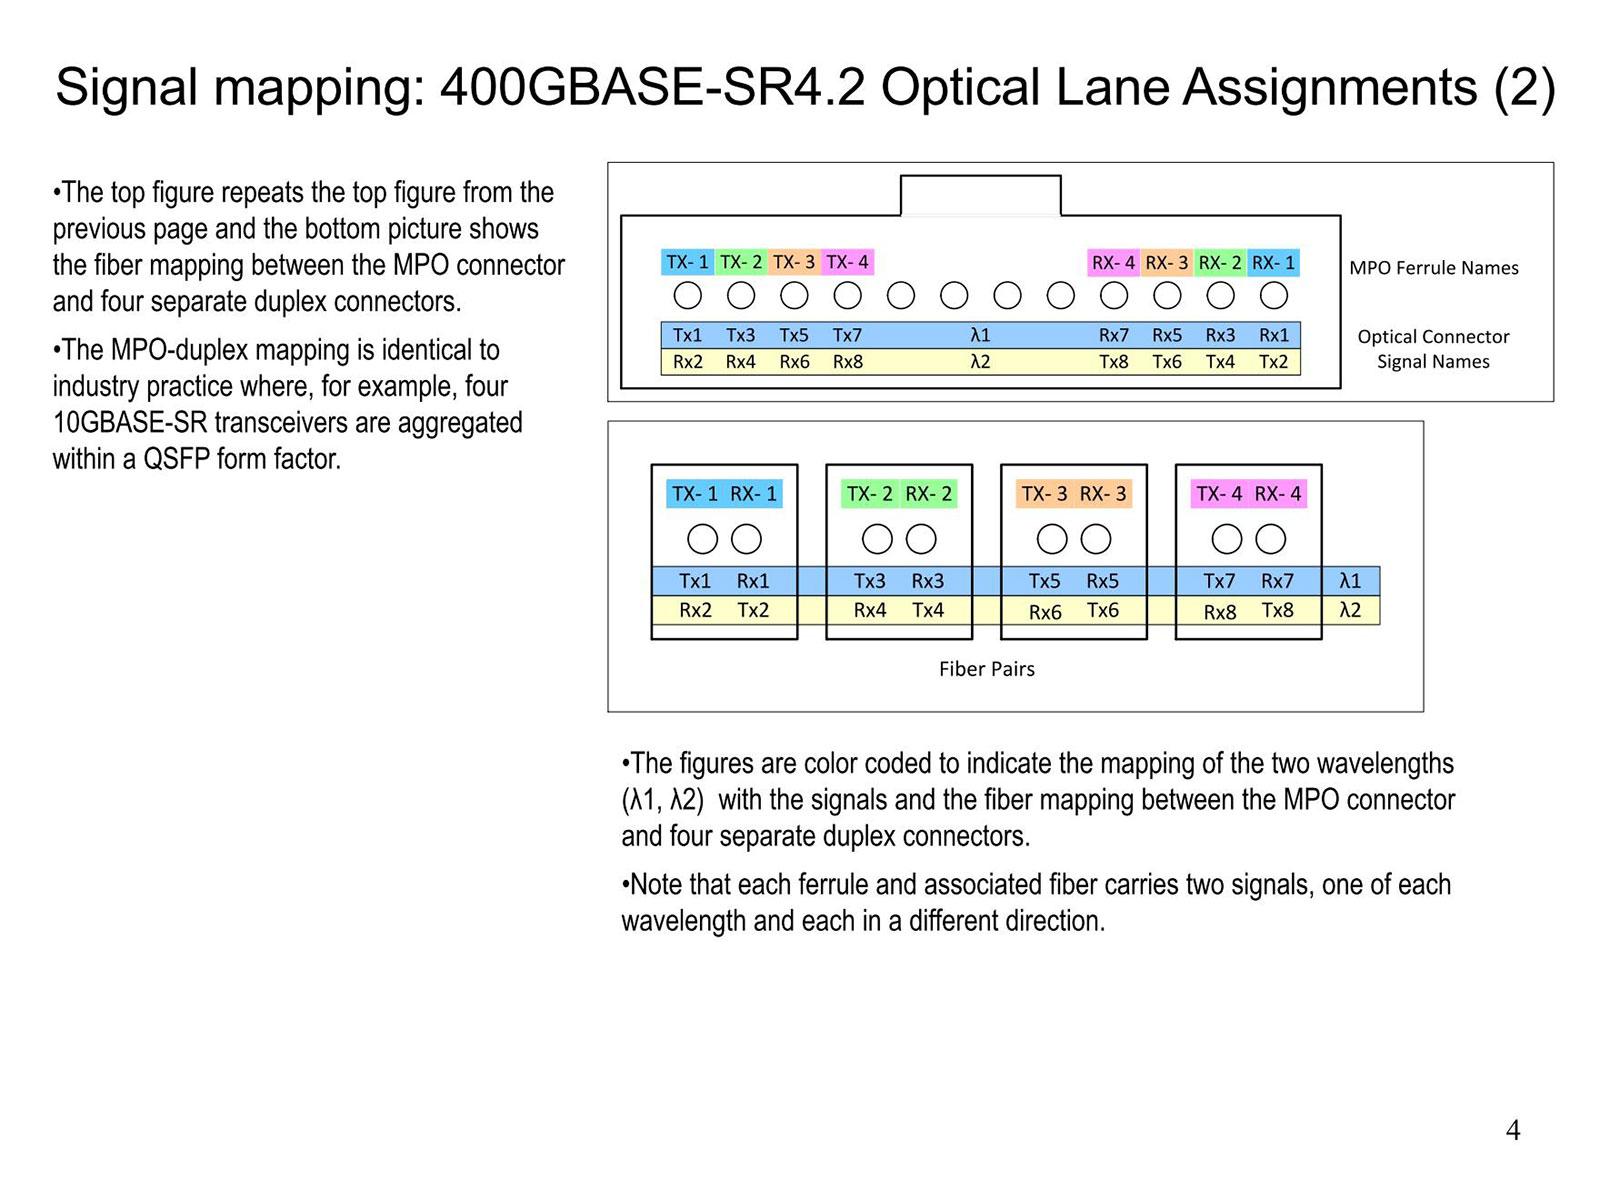 Fiber Pairsを見ると、左の図の上部の構図が非常に都合がいい。ただこれ、400GBASE-SR4.2を4×100GBASE-SR2に分離でもしない限り、Pairにこだわる必要はない気もするのだが……